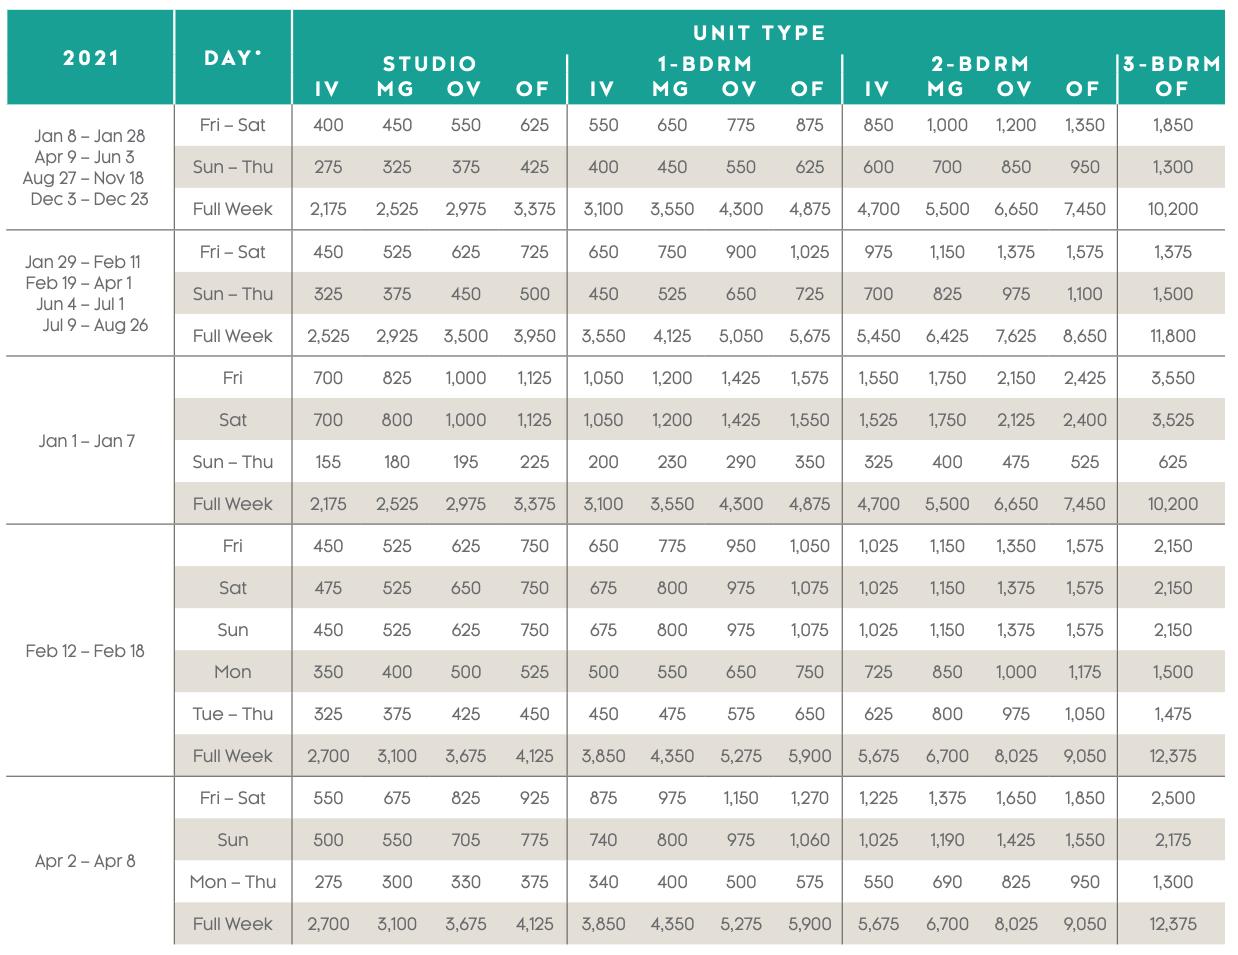 Maui Ocean Club — Lahaina and Napili Villas Points Charts 2021 - 4